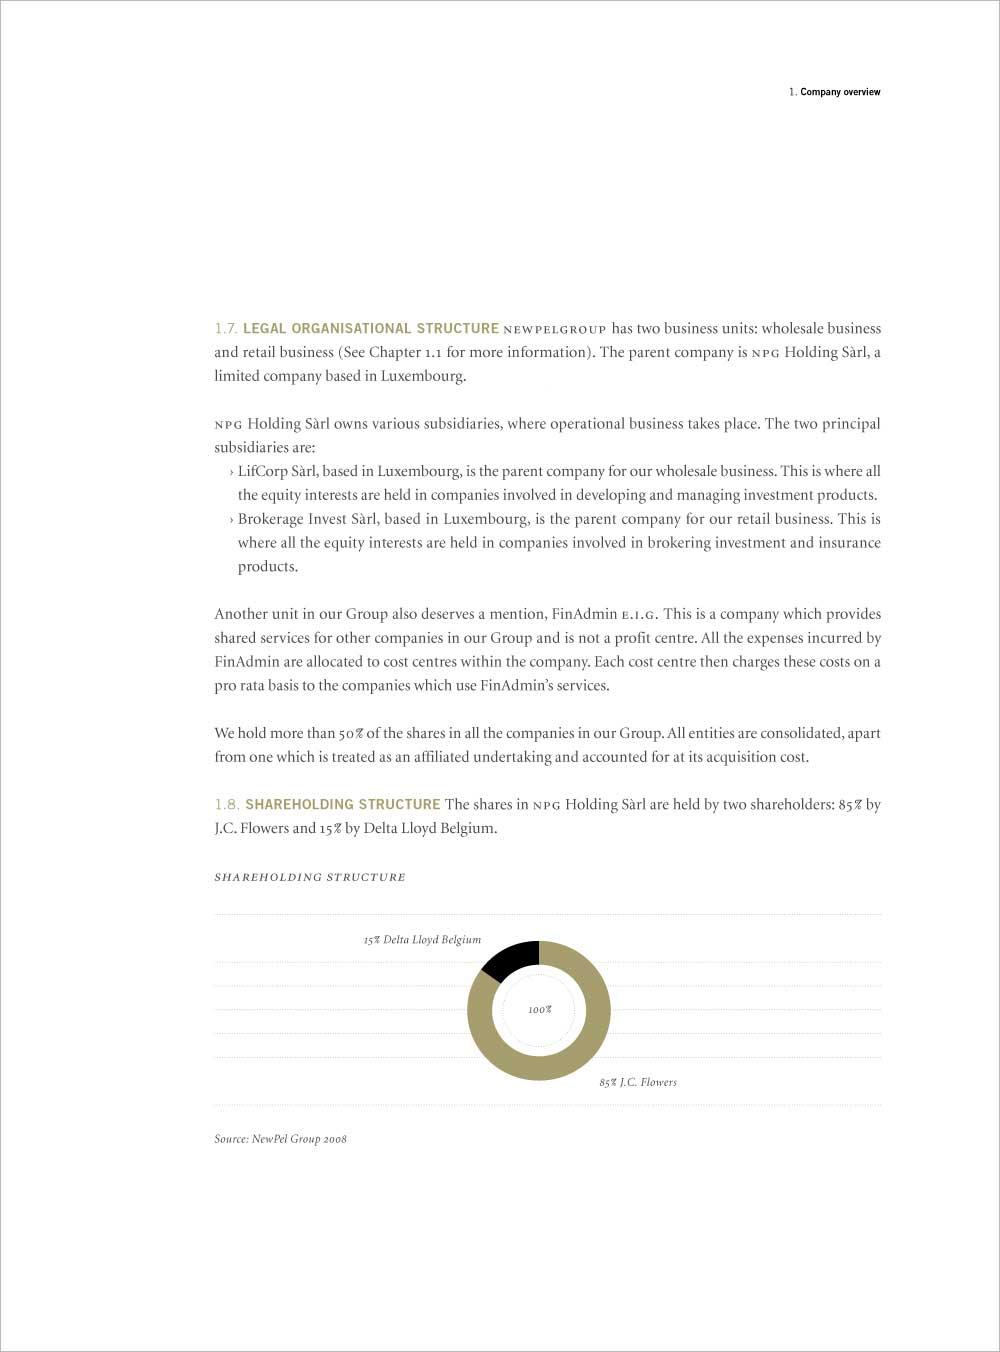 J. C. Flowers & Company, Innenseite mit Diagramm, NPG Geschäftsbericht, 2009.